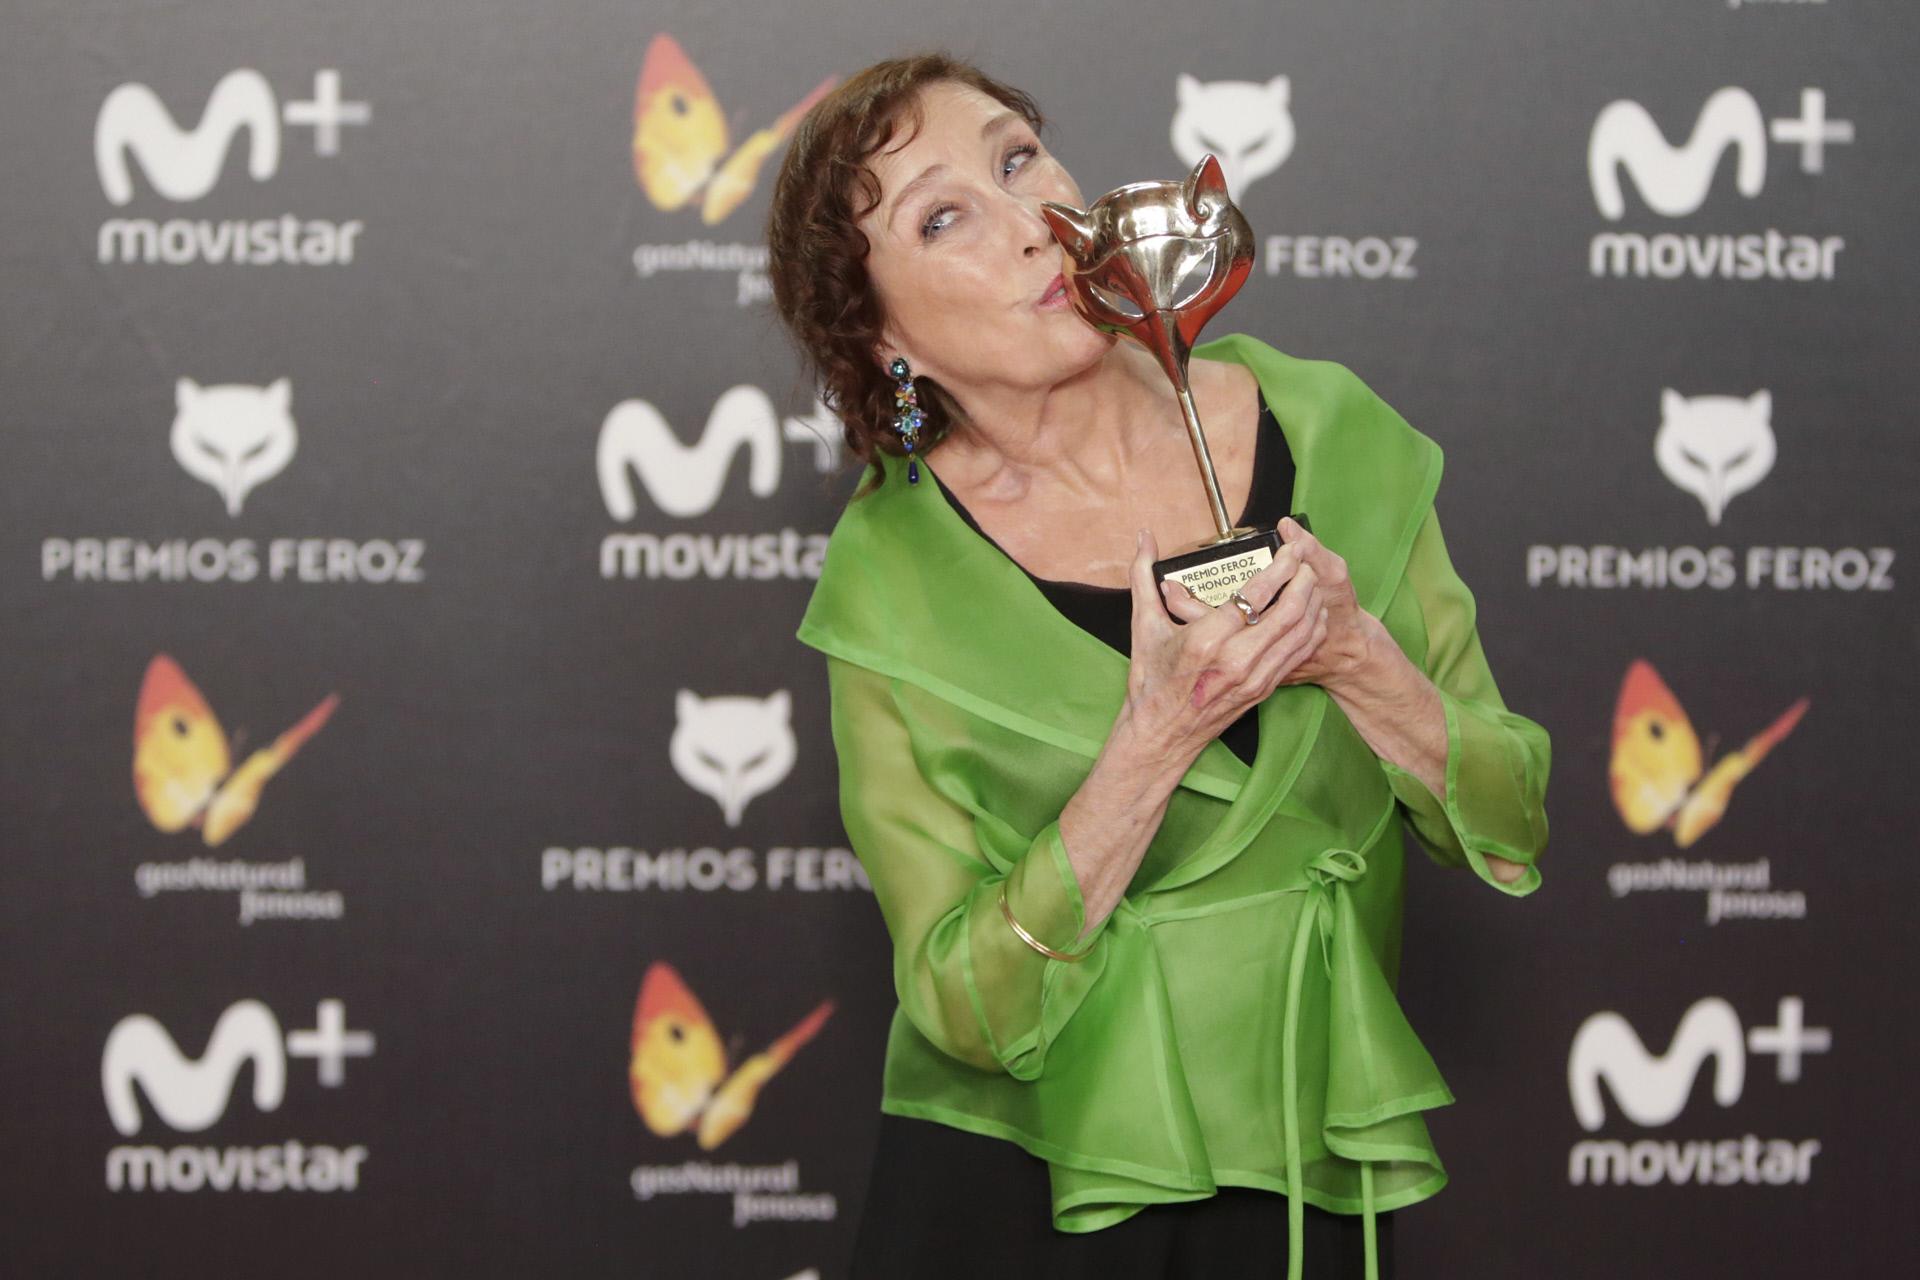 Veronica Forqué posa feliz con su Premio Feroz de Honor.